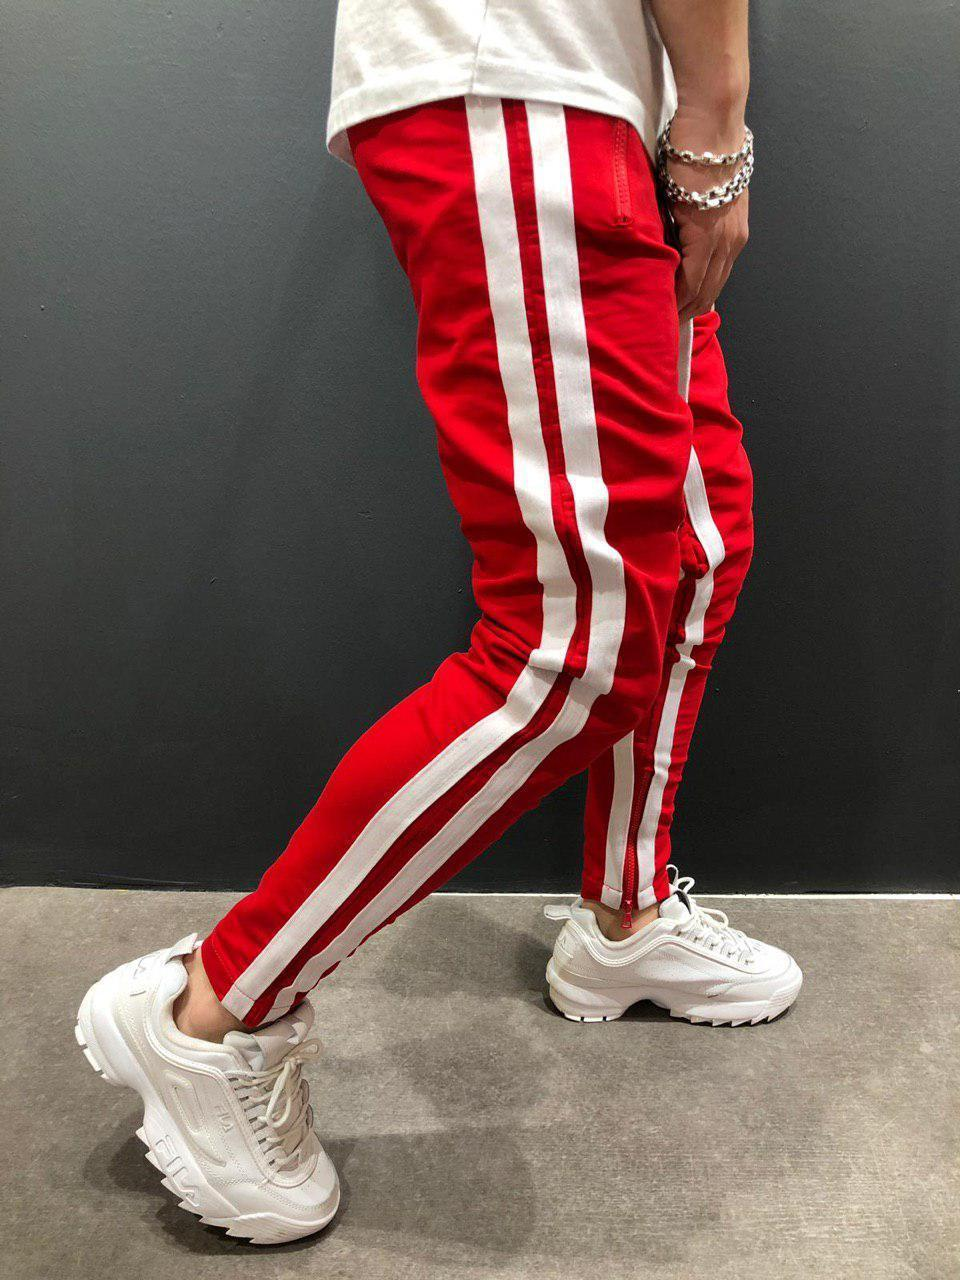 Мужские брюки для отдыха, бодибилдинга, с разрезом, на молнии, для ног, для движения, брюки для бега, спортивные штаны